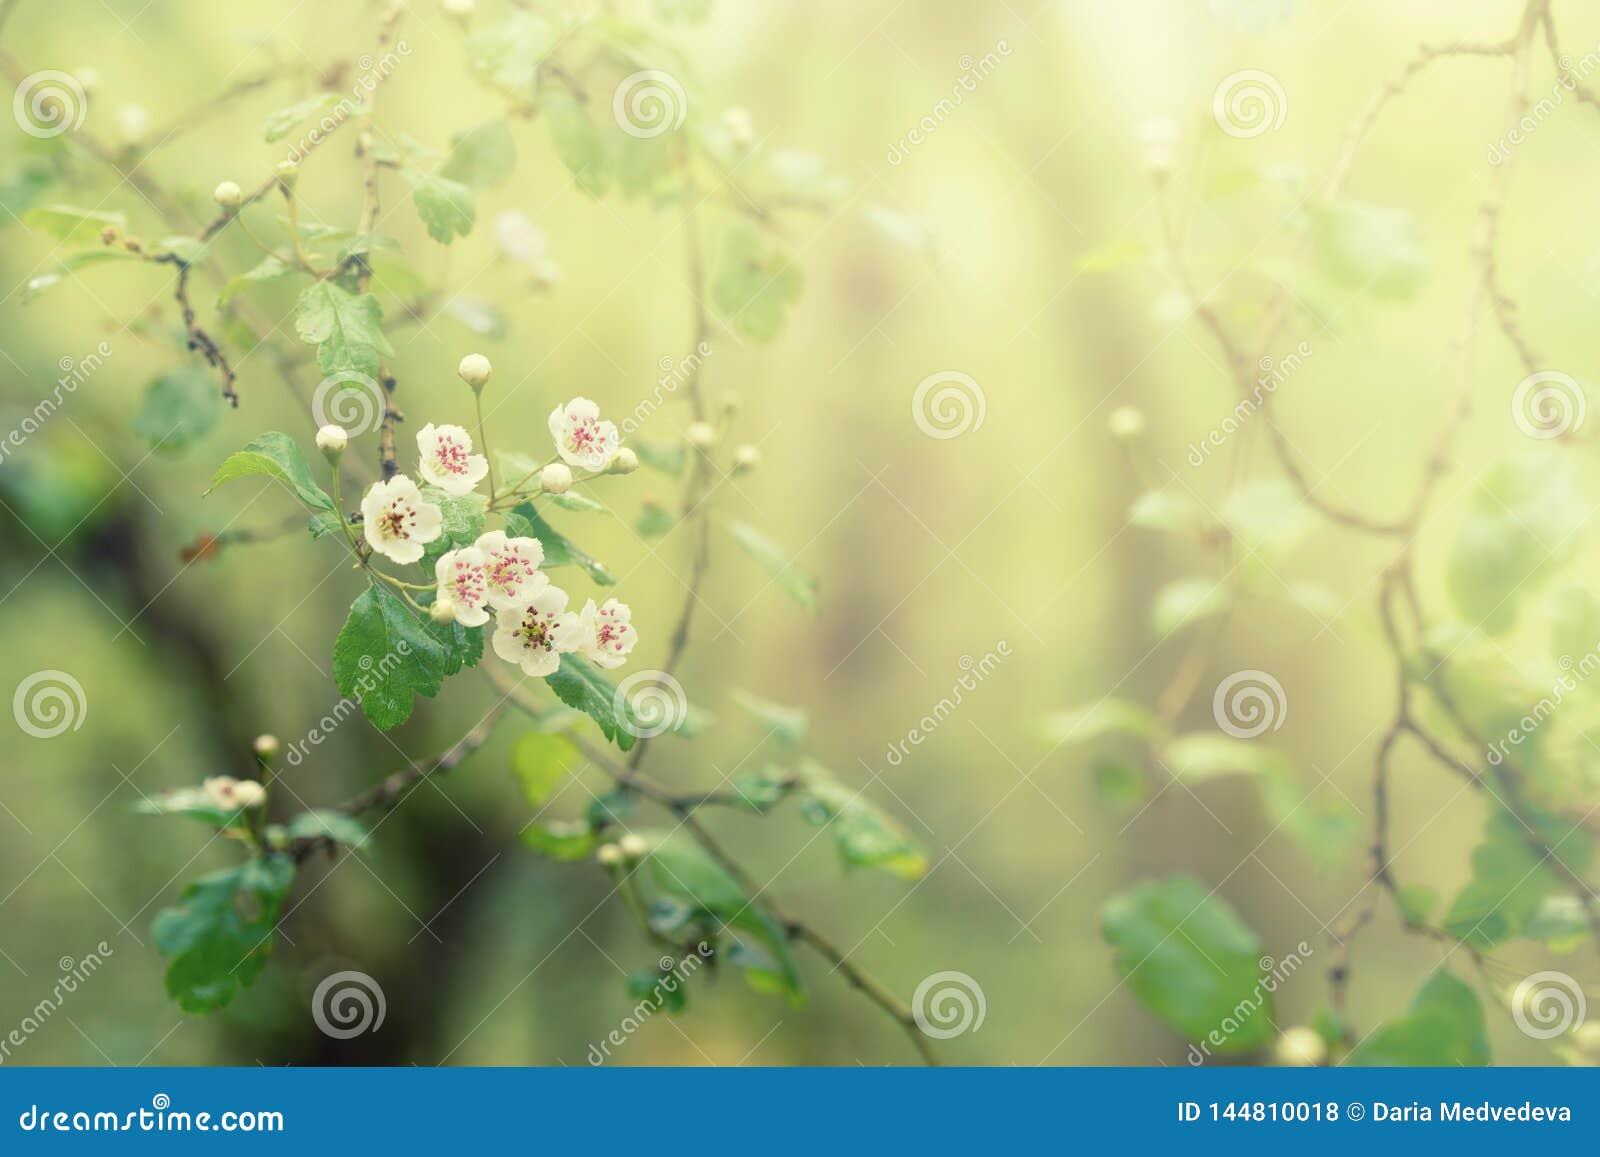 De bloeiende boom met witte bloemen, springt bloemen abstracte achtergrond, zachte nadruk op